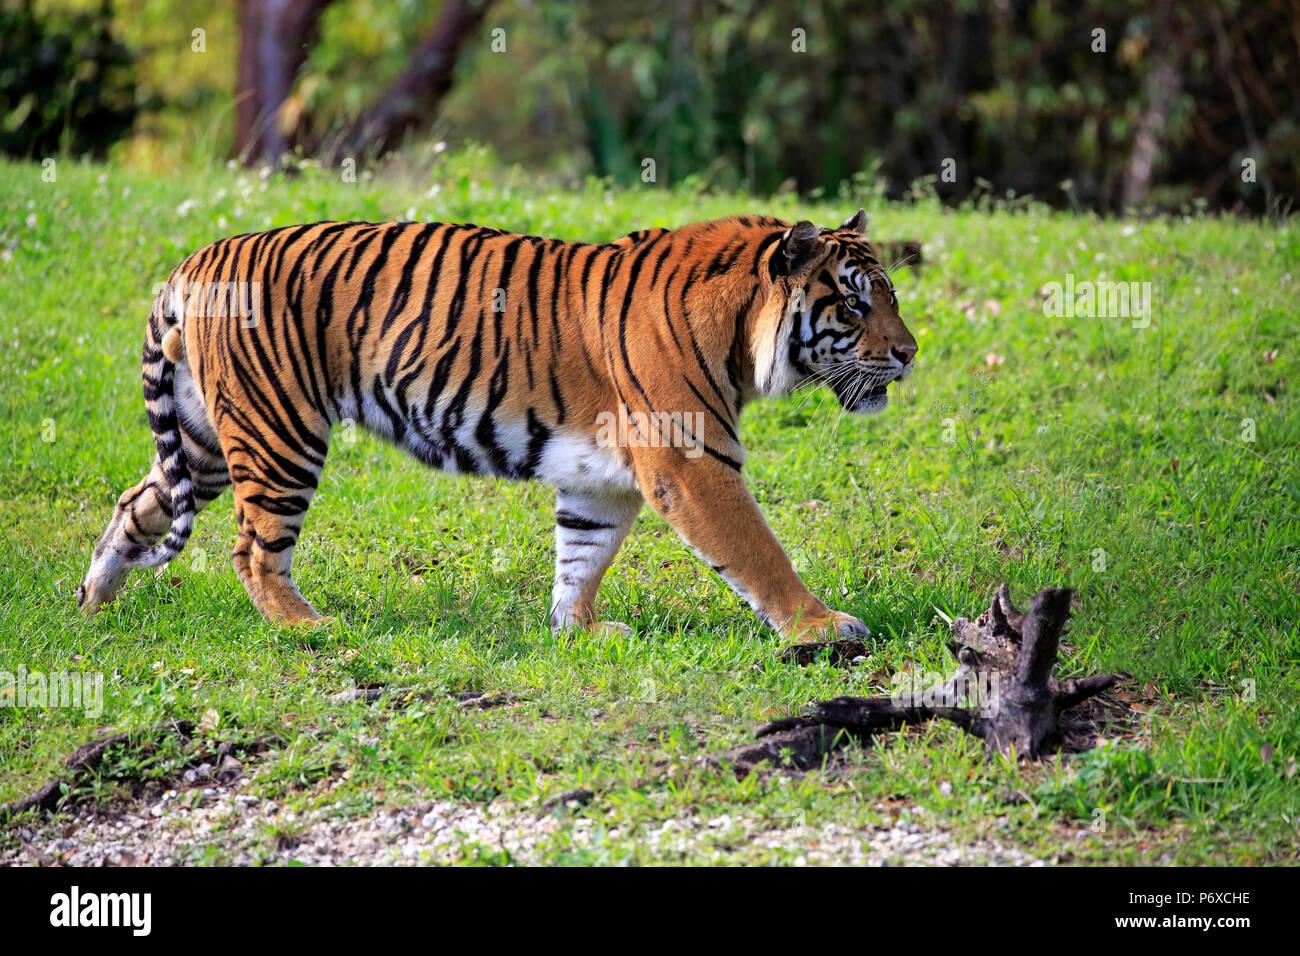 Sumatran Tiger, adult male walking, Sumatra, Asia, Panthera tigris sumatrae - Stock Image